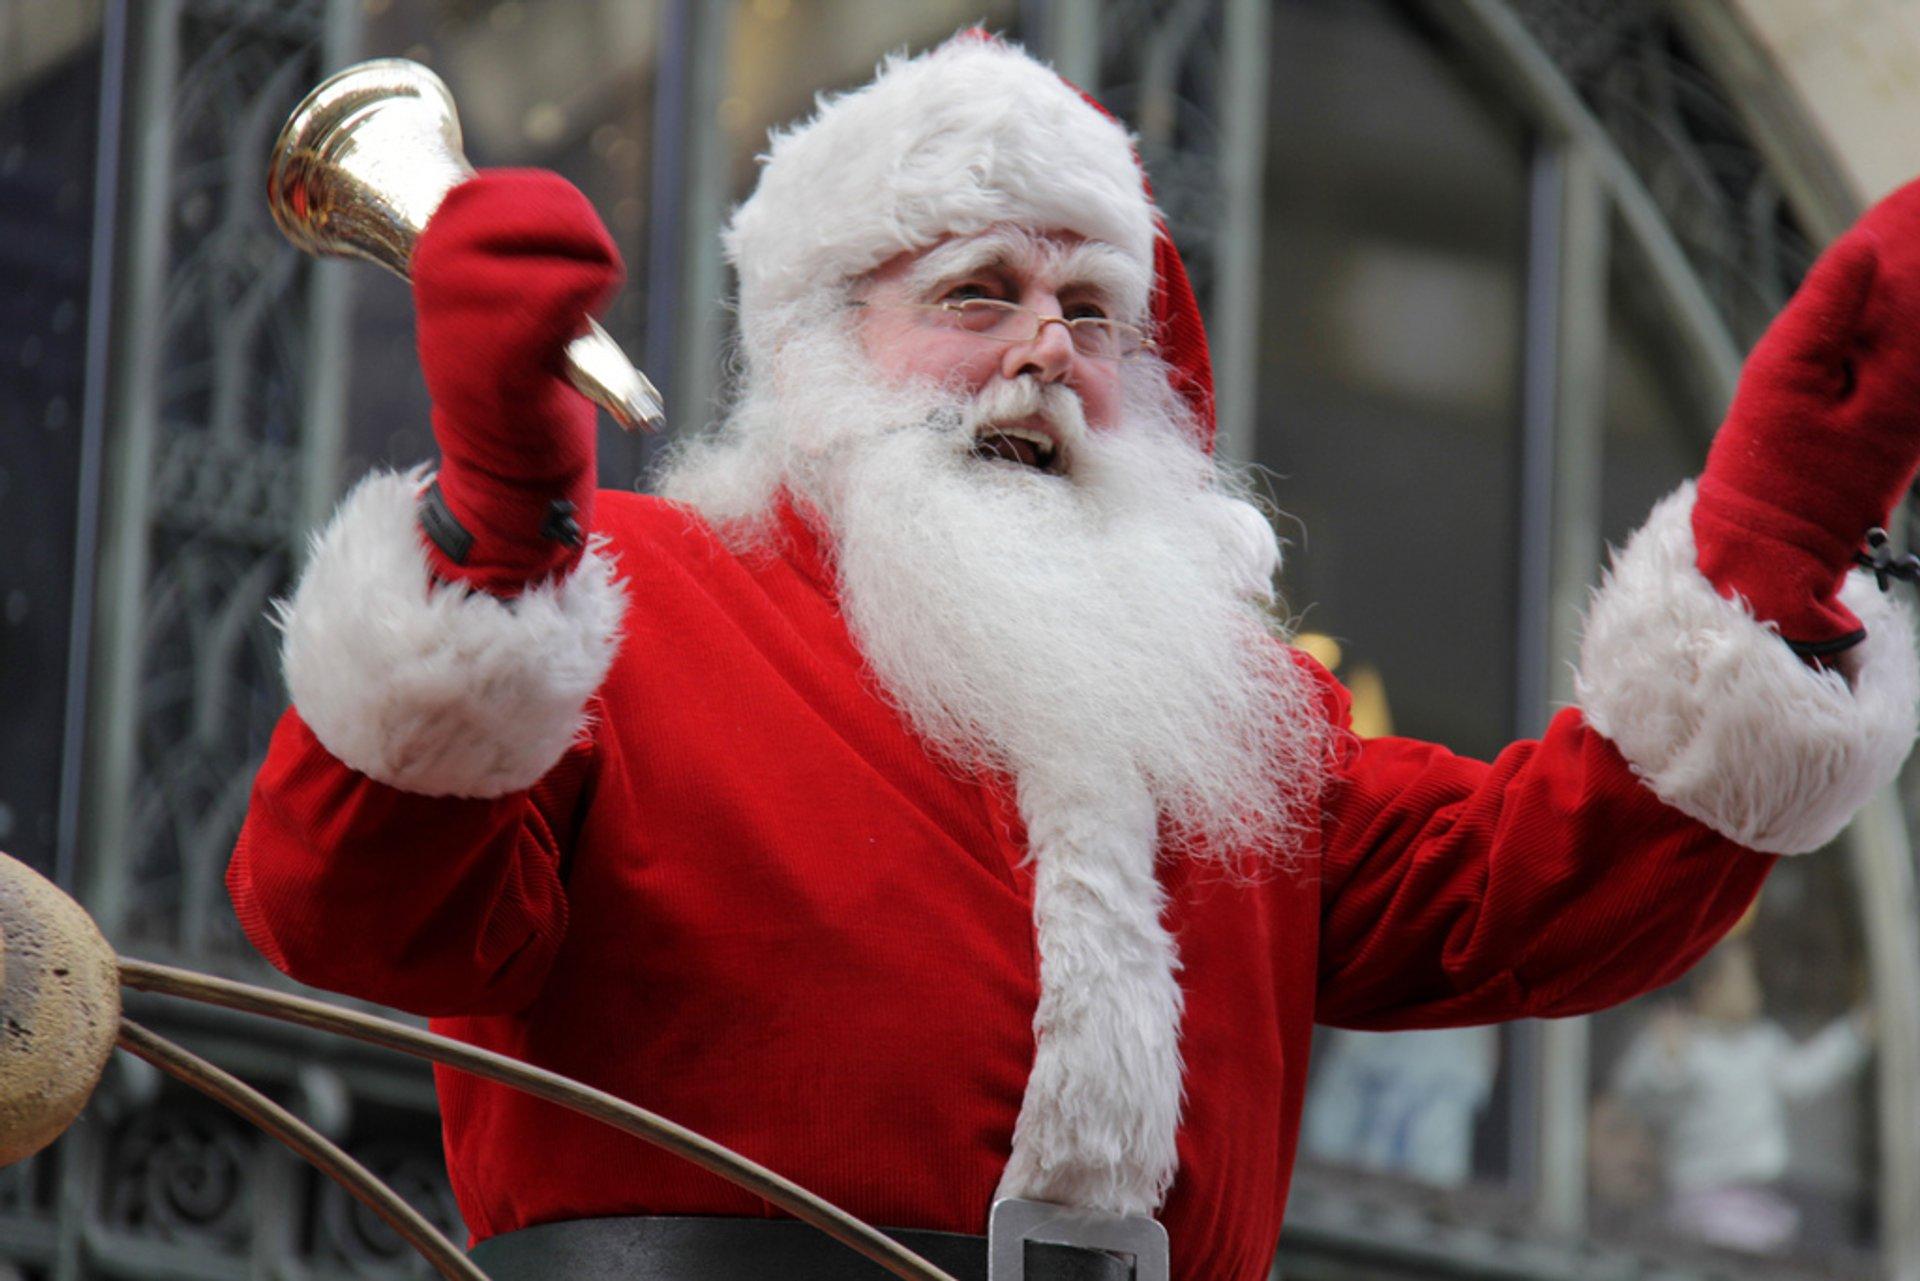 Le défilé du Père Noël / Santa Claus Parade Montréal  2019